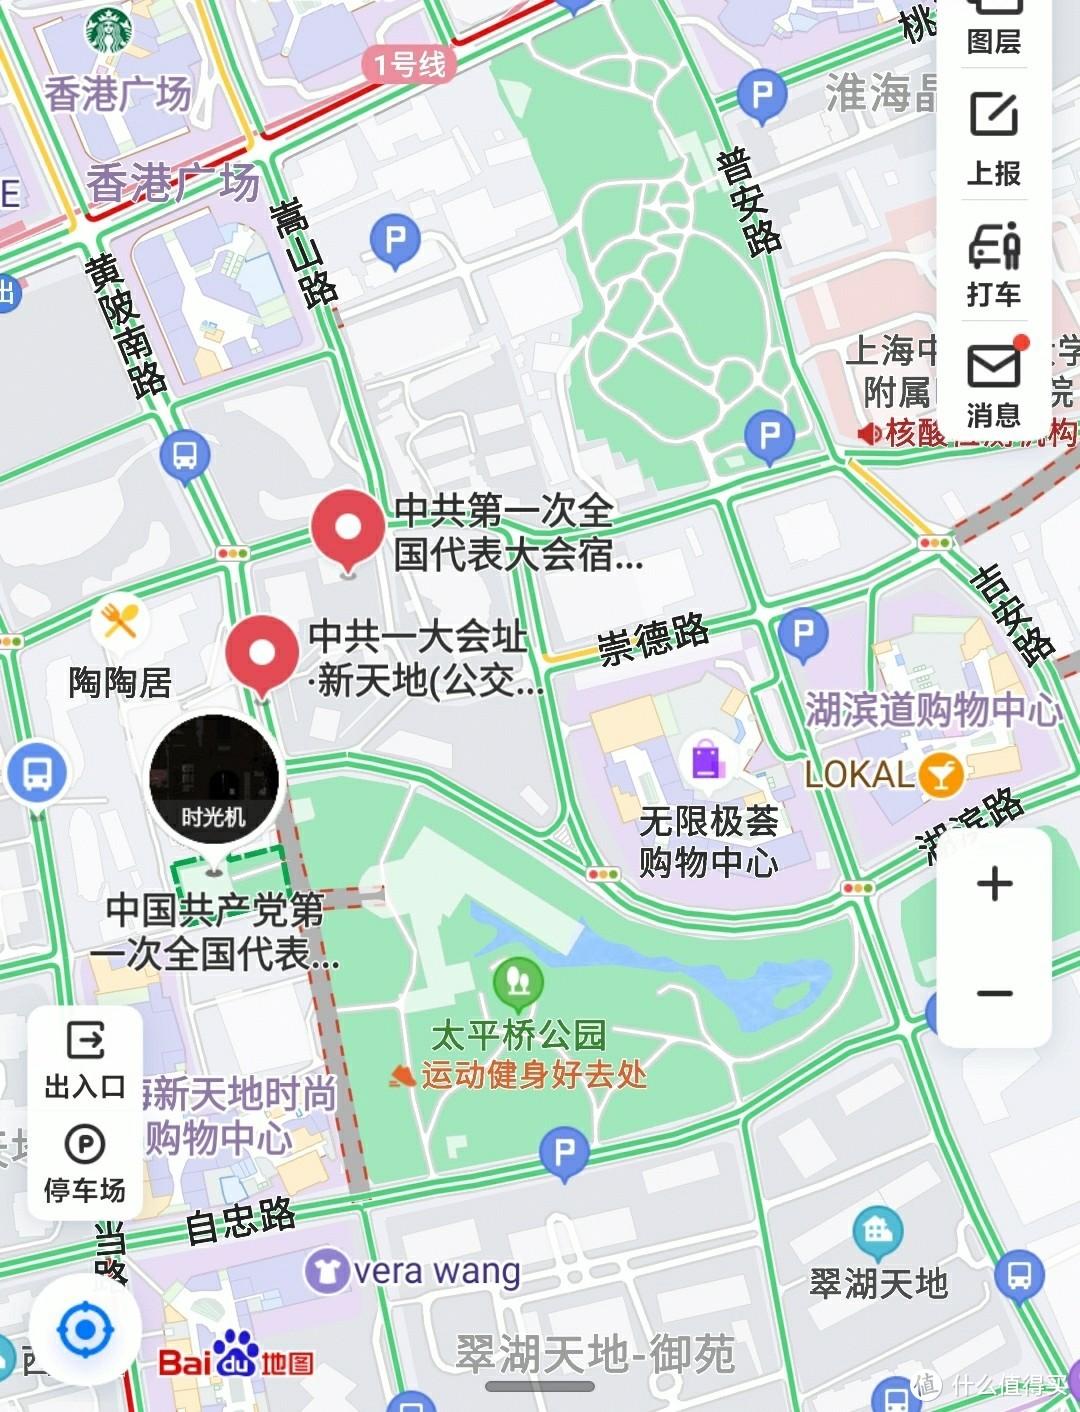 上海中共一大会址纪念馆新馆建成开放参观——红色纪念馆热